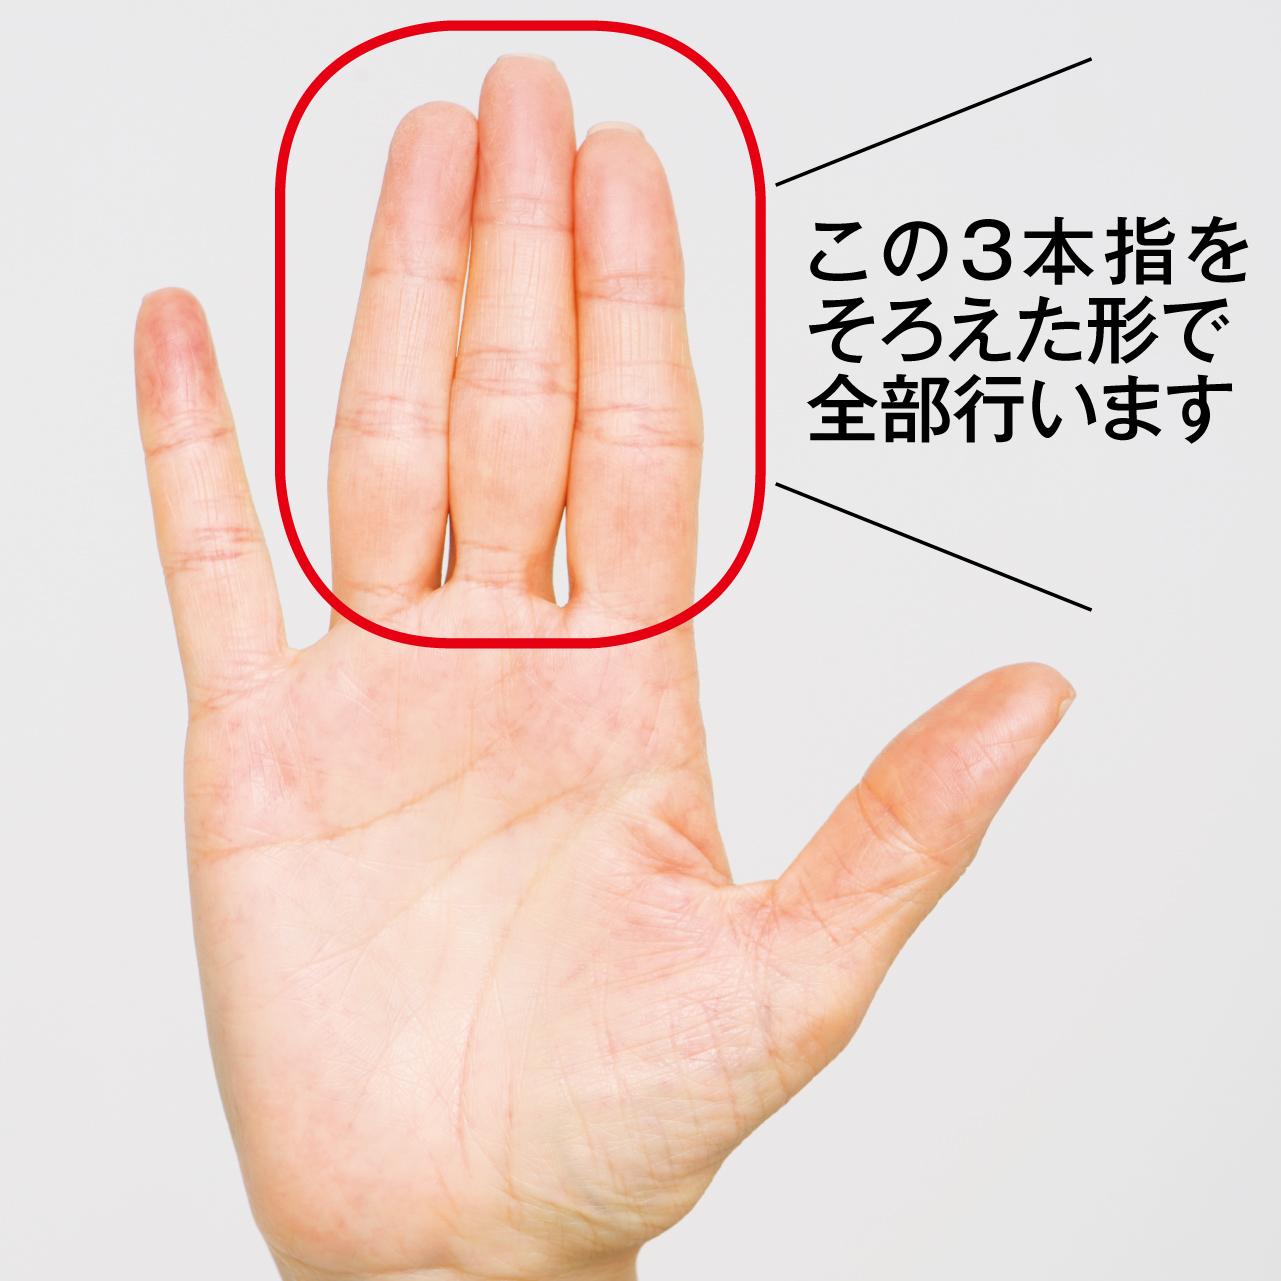 3本指マッサージがおすすめの理由 この3本指をそろえた形で全部行います